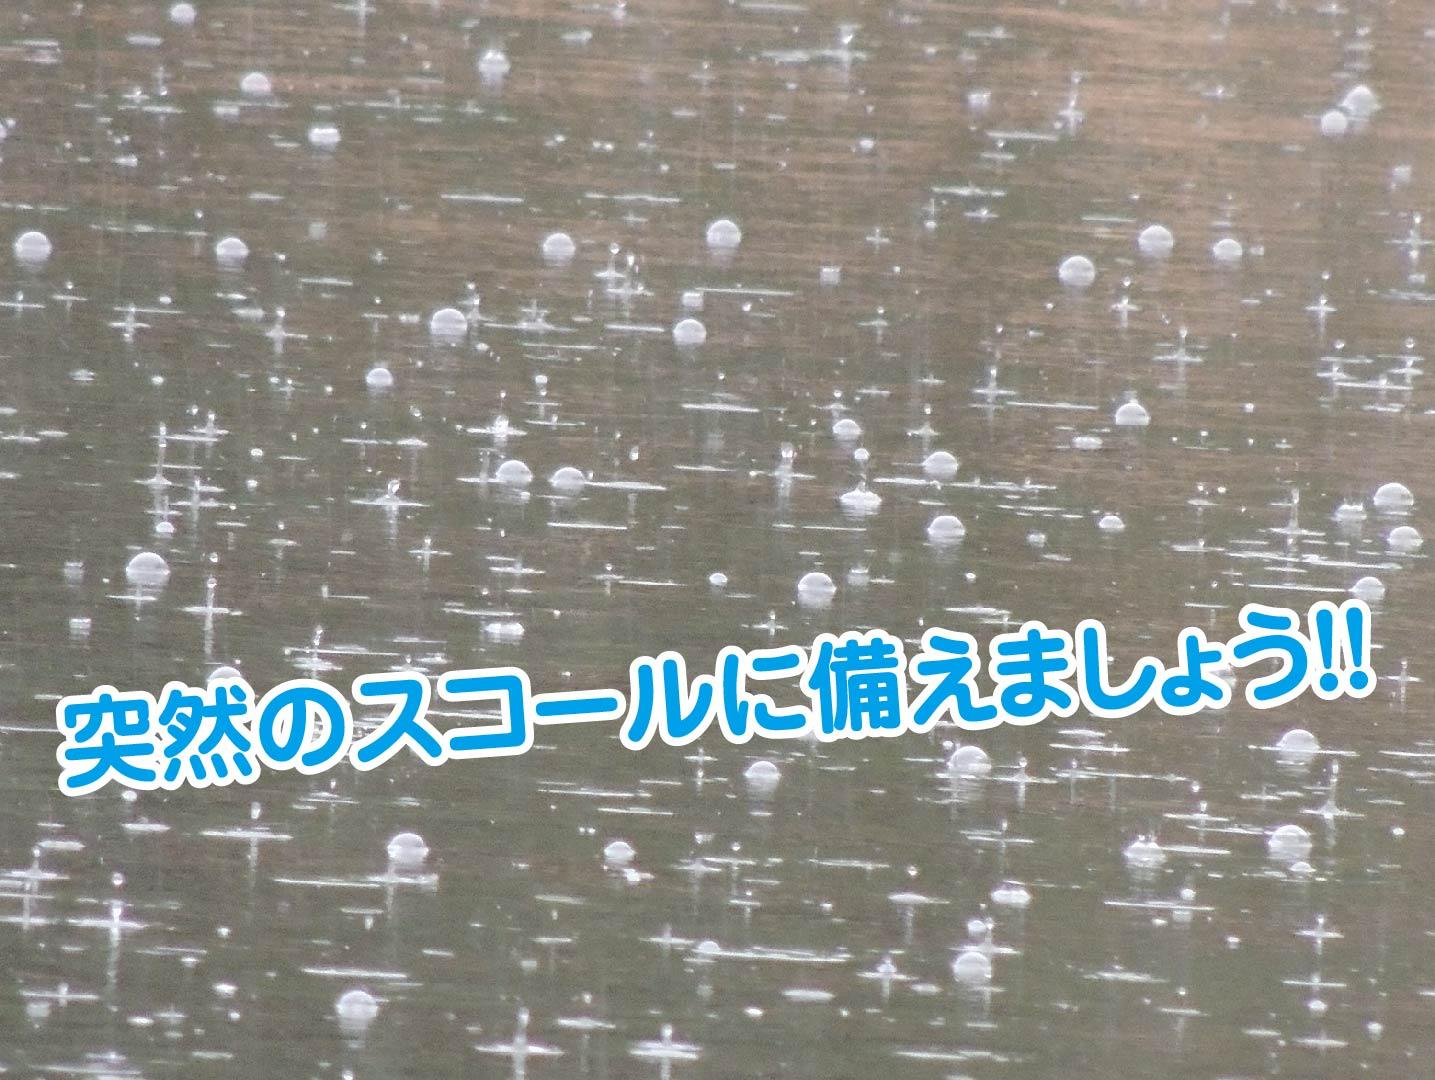 ブログ画像作成フォーマット-01